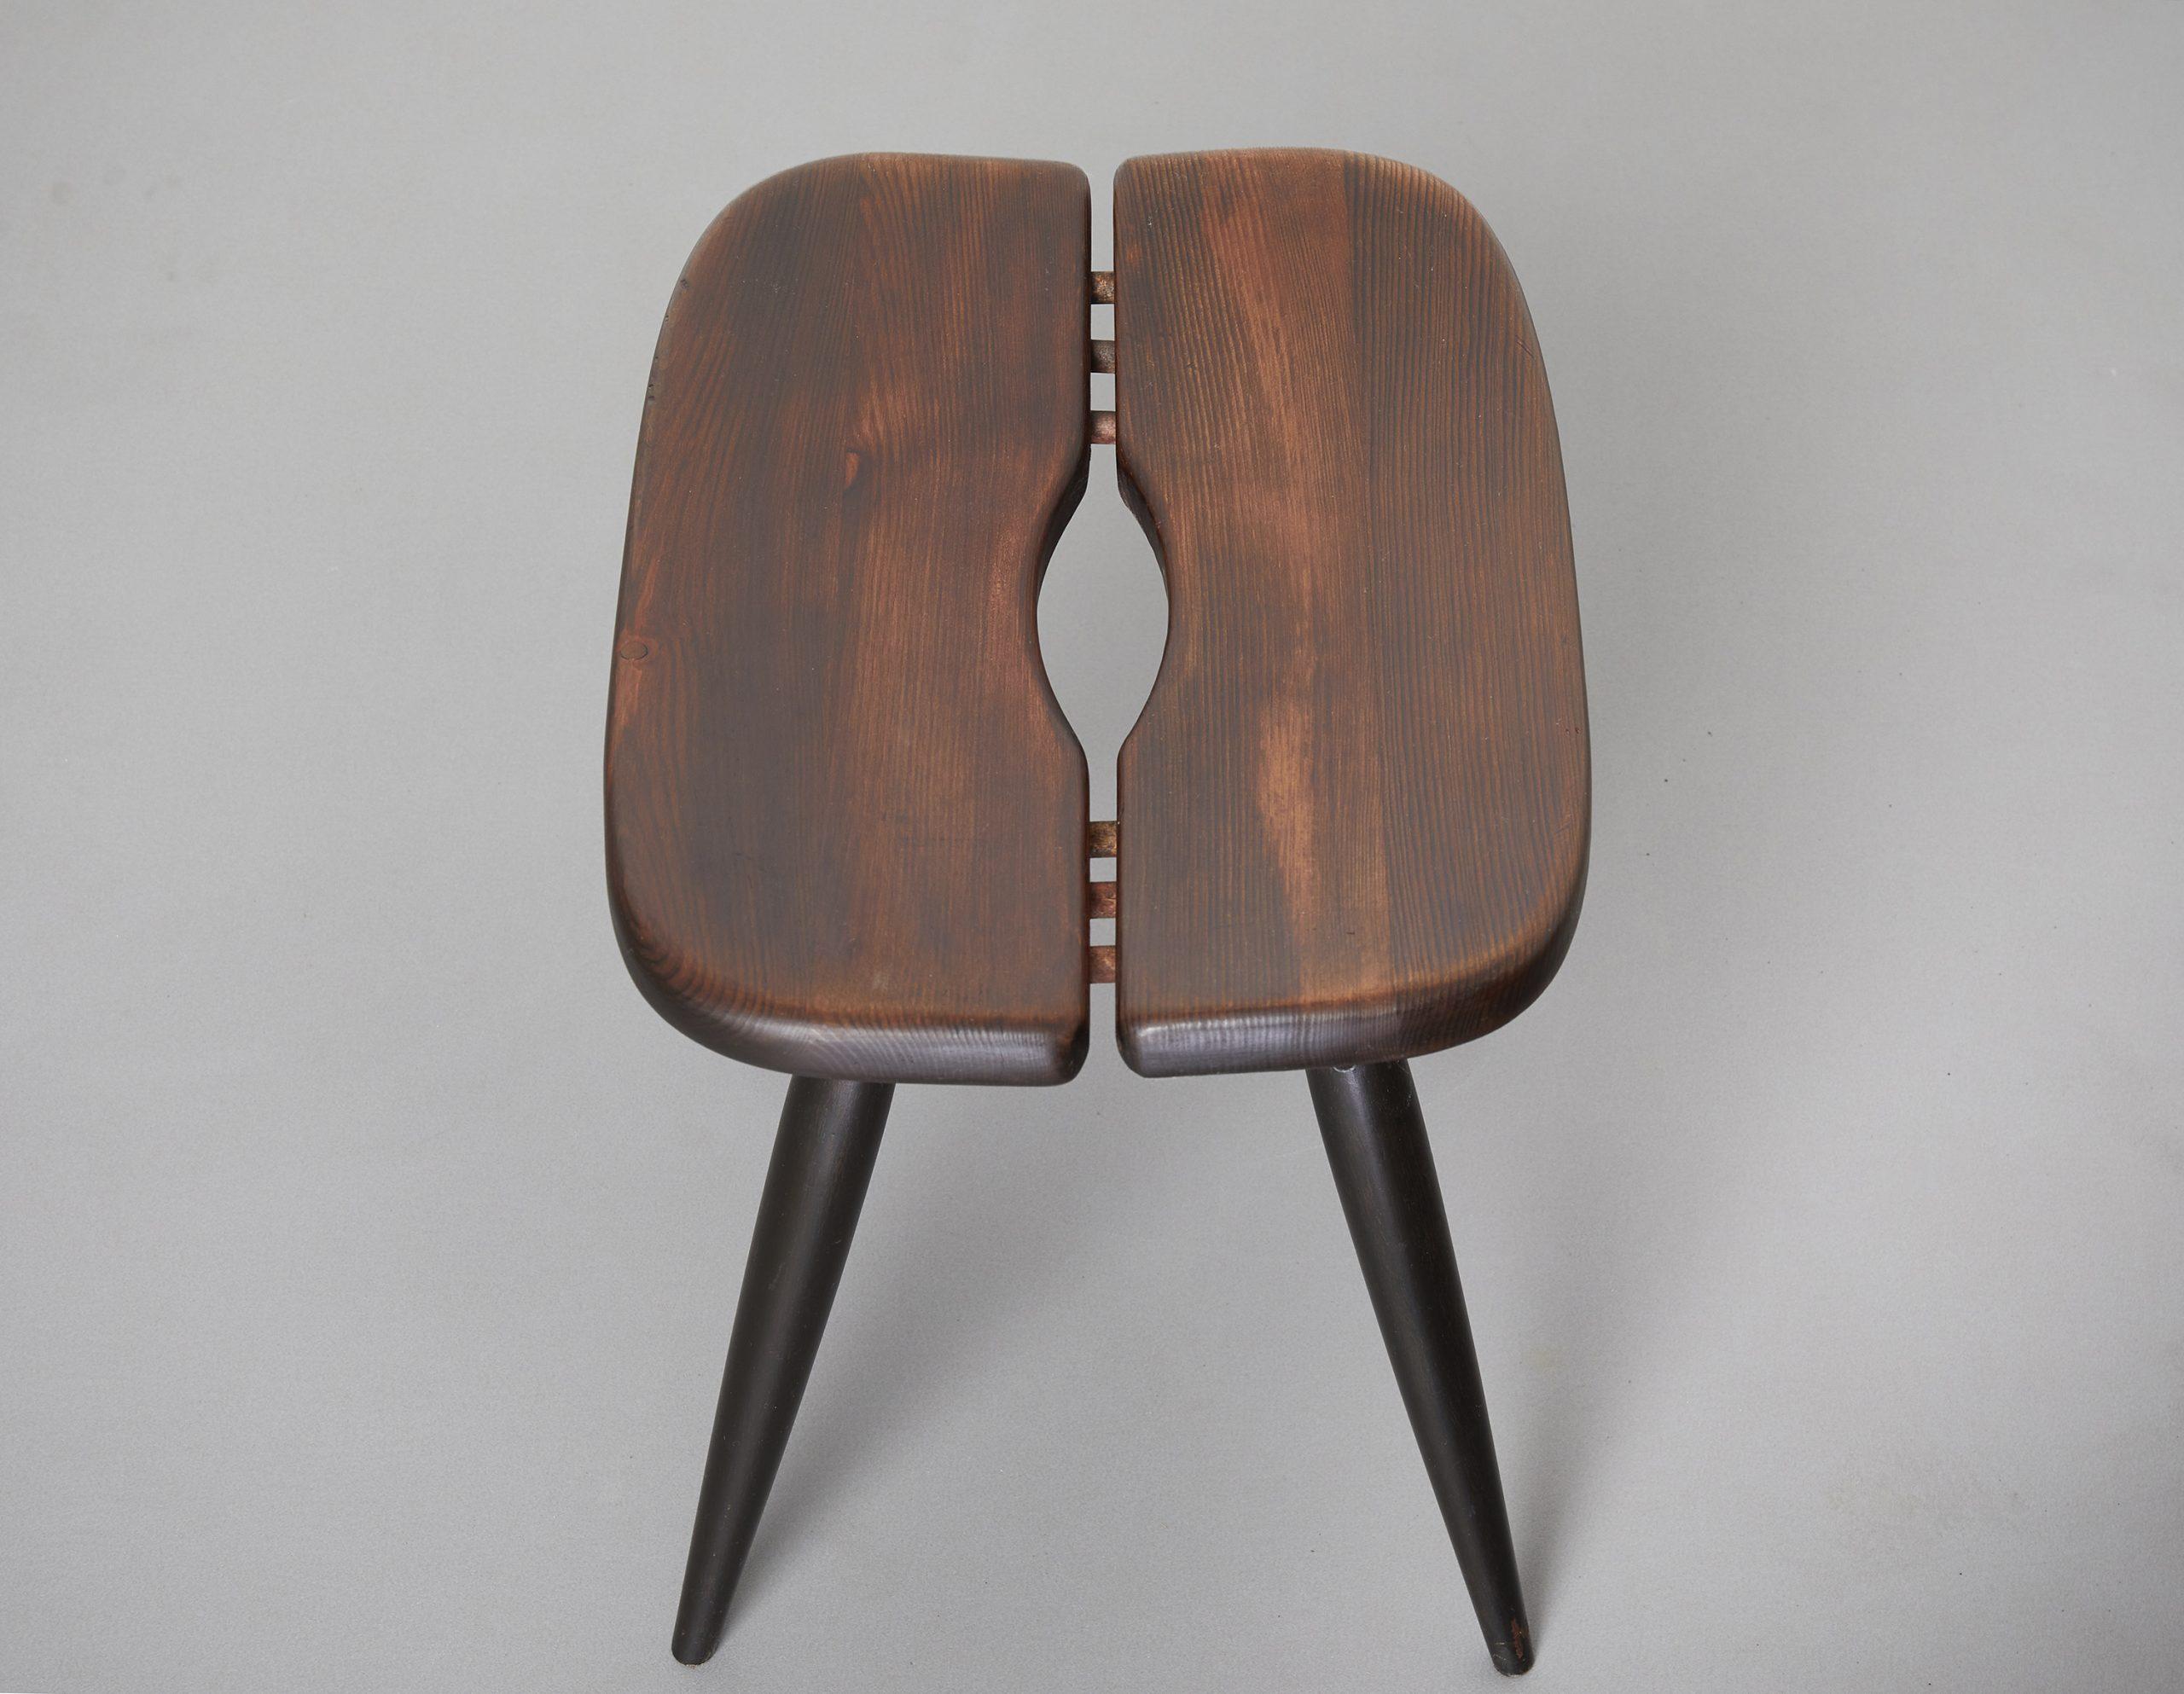 pair-of-pirkka-stools-by-ilmari-tapiovaara-1955-image-06